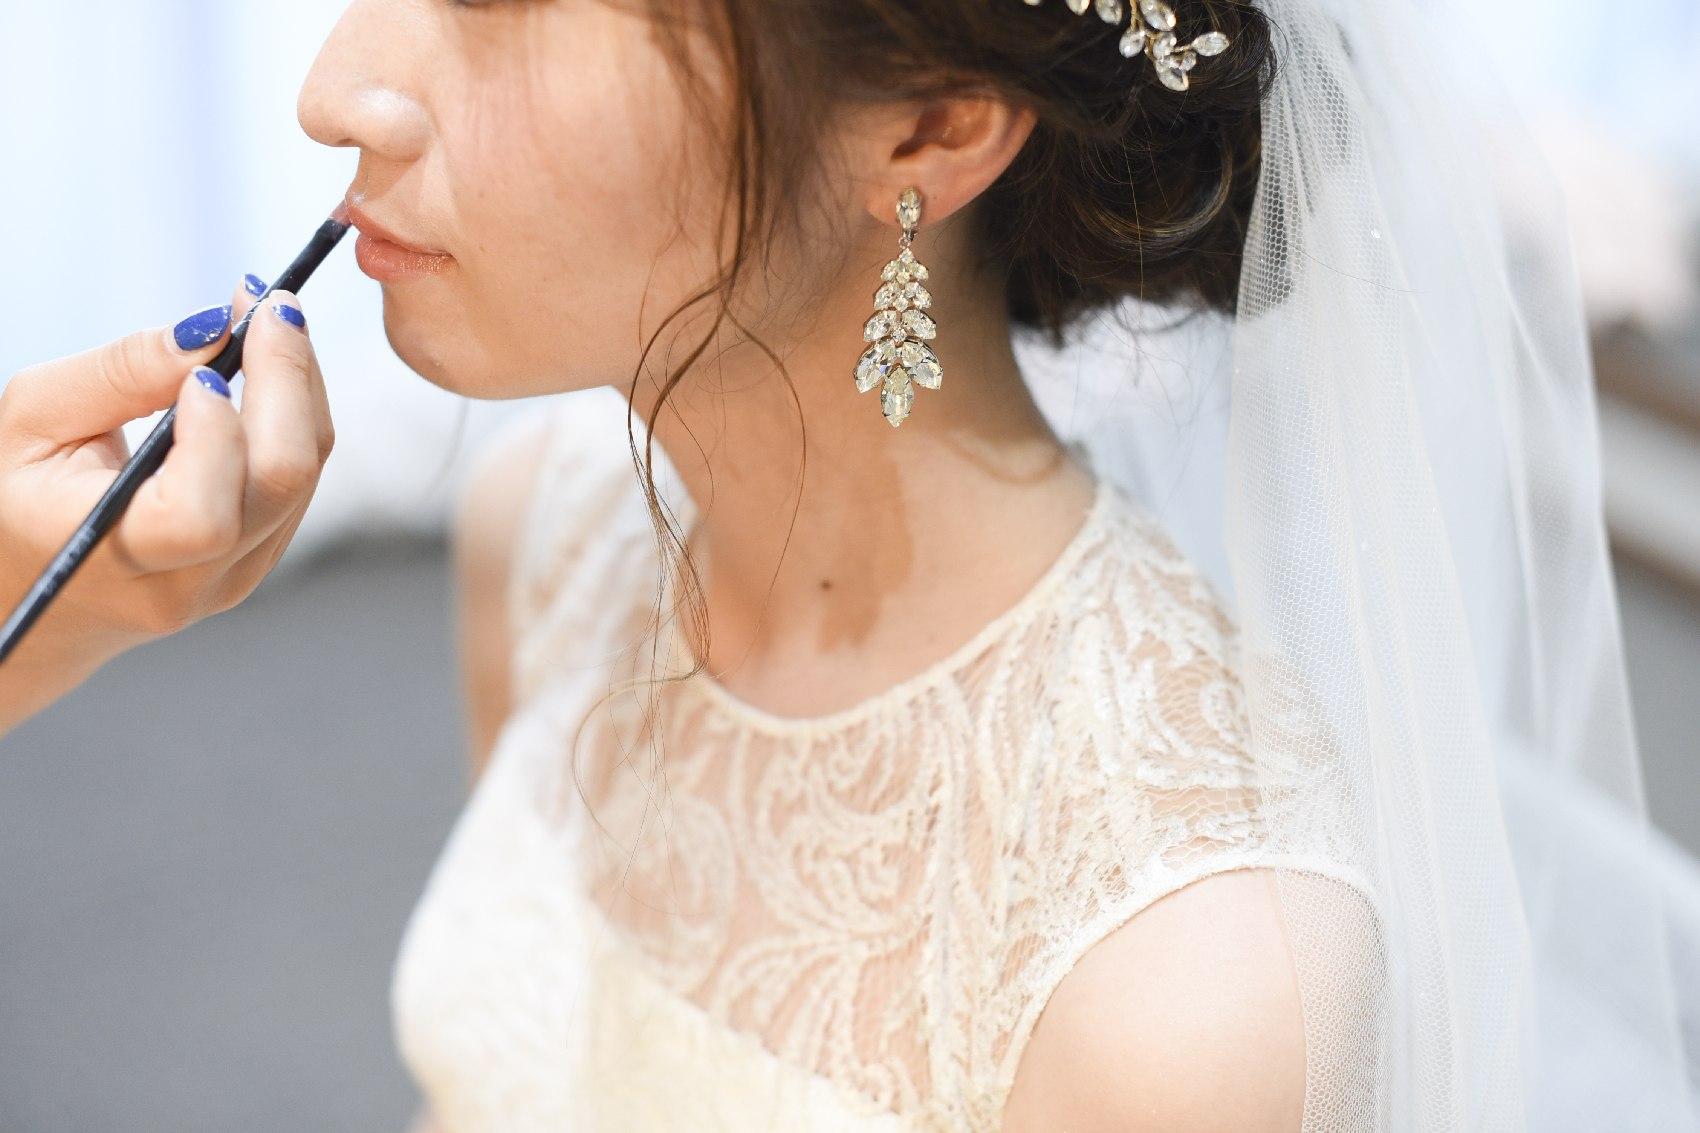 香川県高松市の結婚式場アナザースタイルの結婚式のメイク